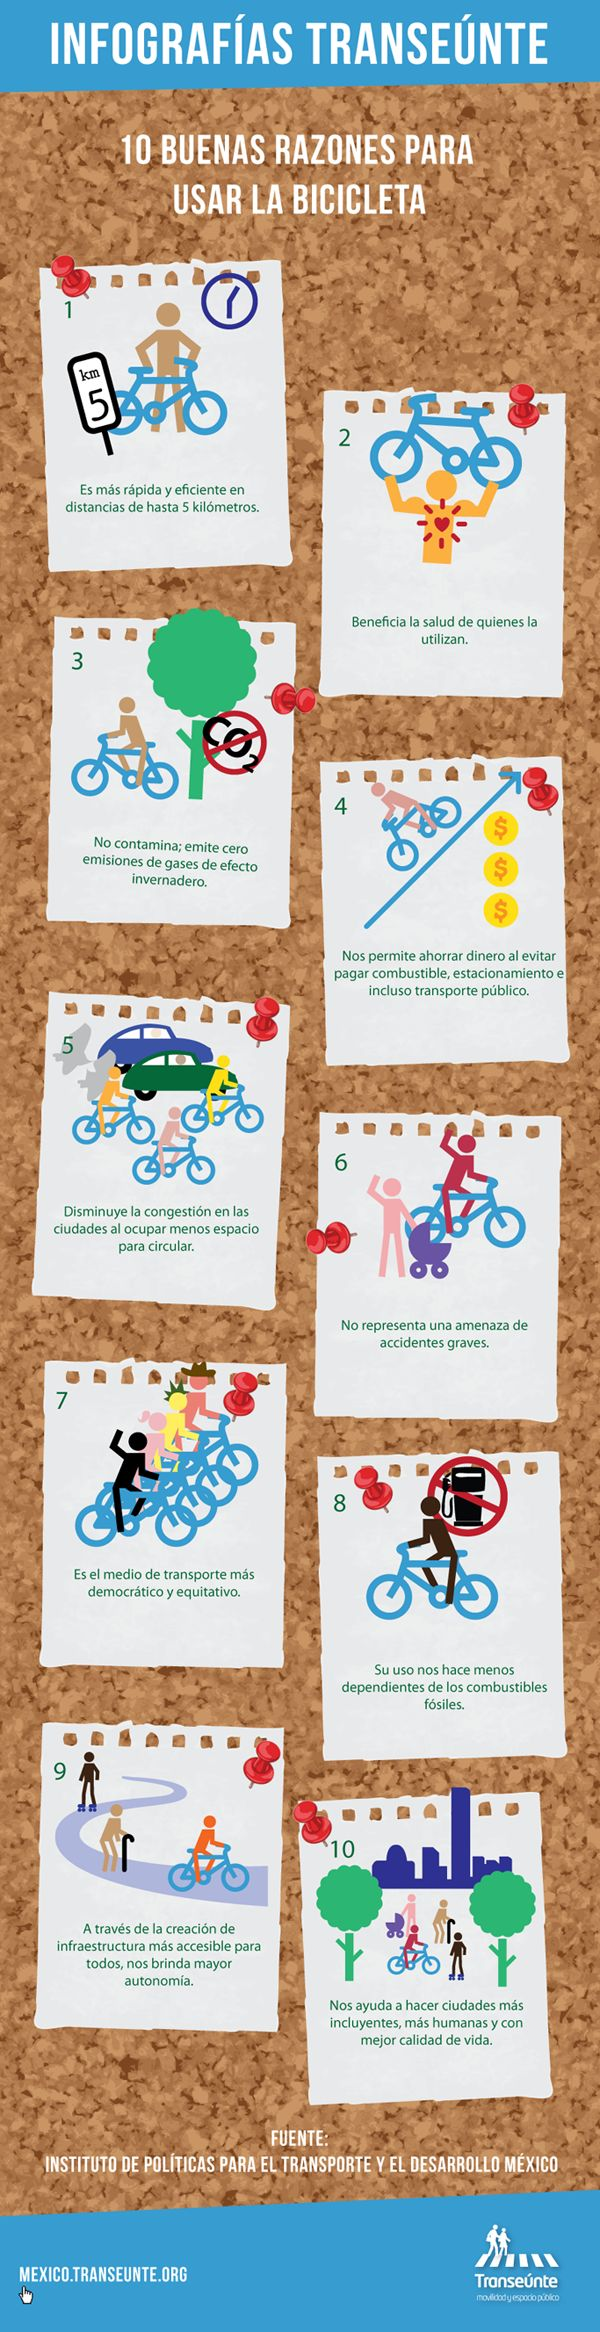 10 buenas razones para usar la bicicleta como medio de transporte.